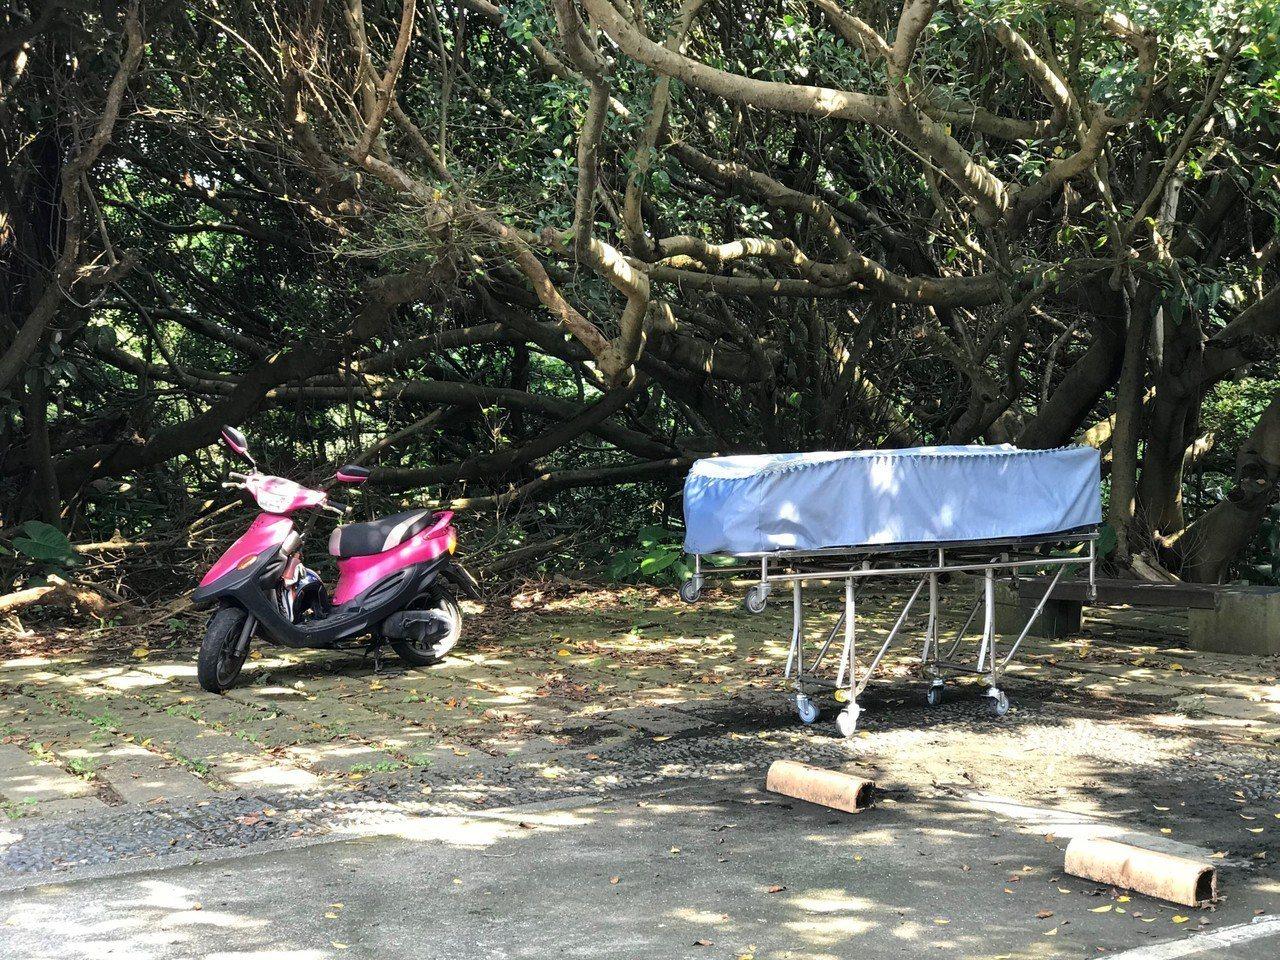 今天清晨,石門富貴角公園驚見一男子上吊自殺,現場未留遺書,警方以車號釐清死者身分...